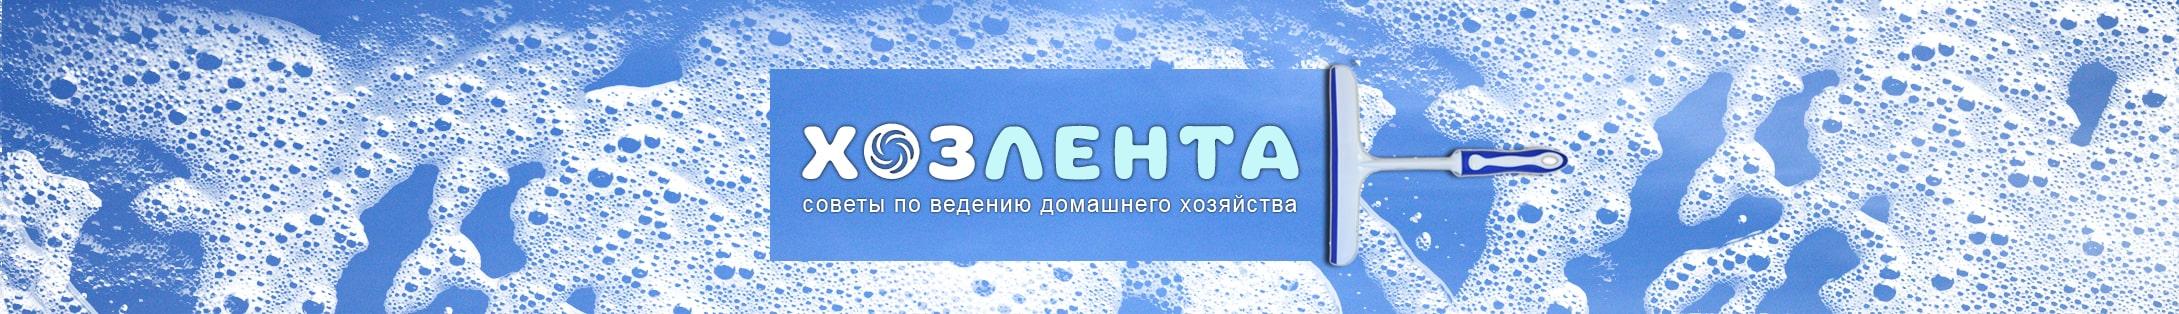 Логотип Хозленты